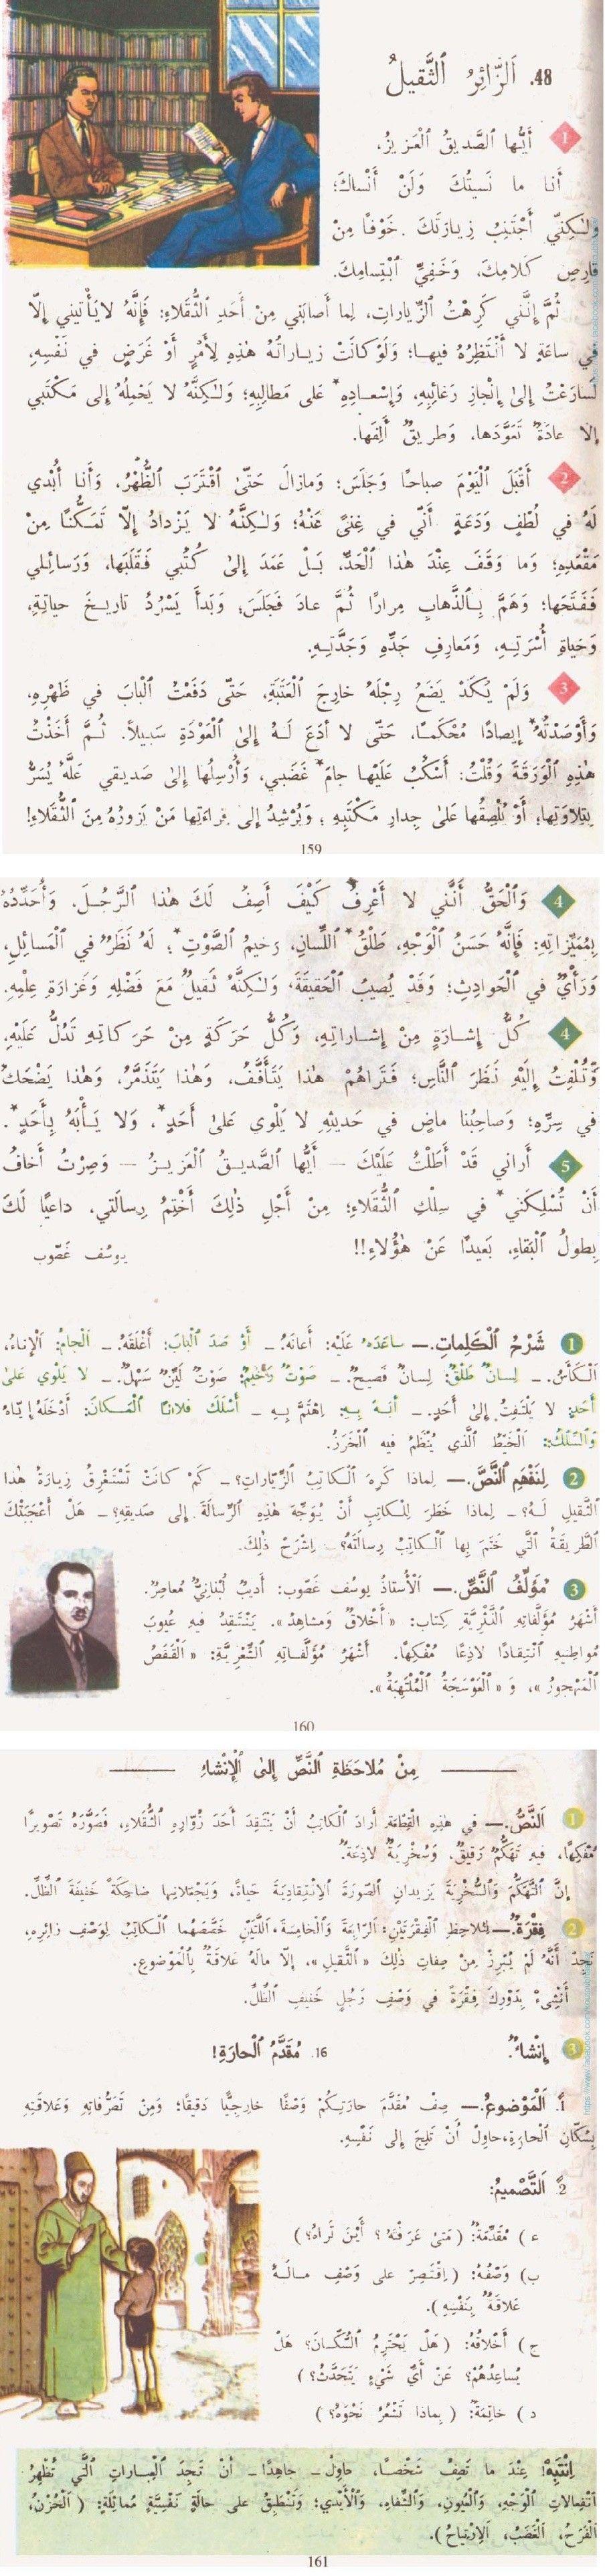 اقرأ لبوكماخ الجزء الخامس Learning Arabic Learning Language